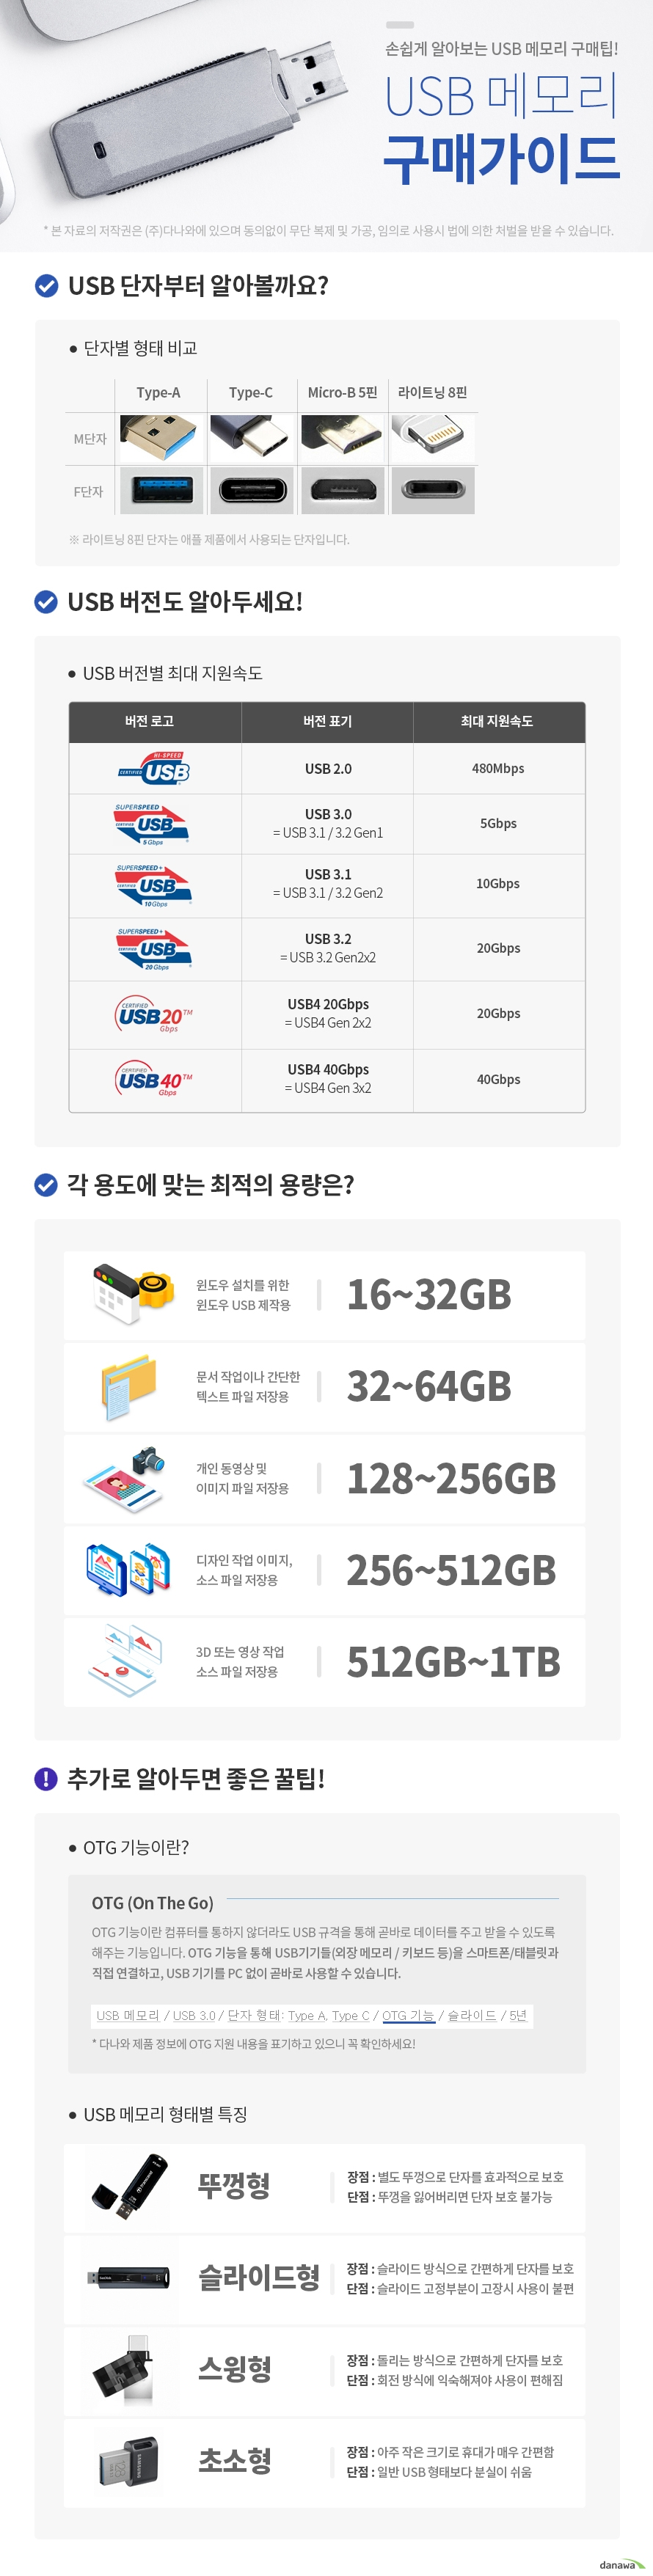 HP X5100M OTG (64GB)